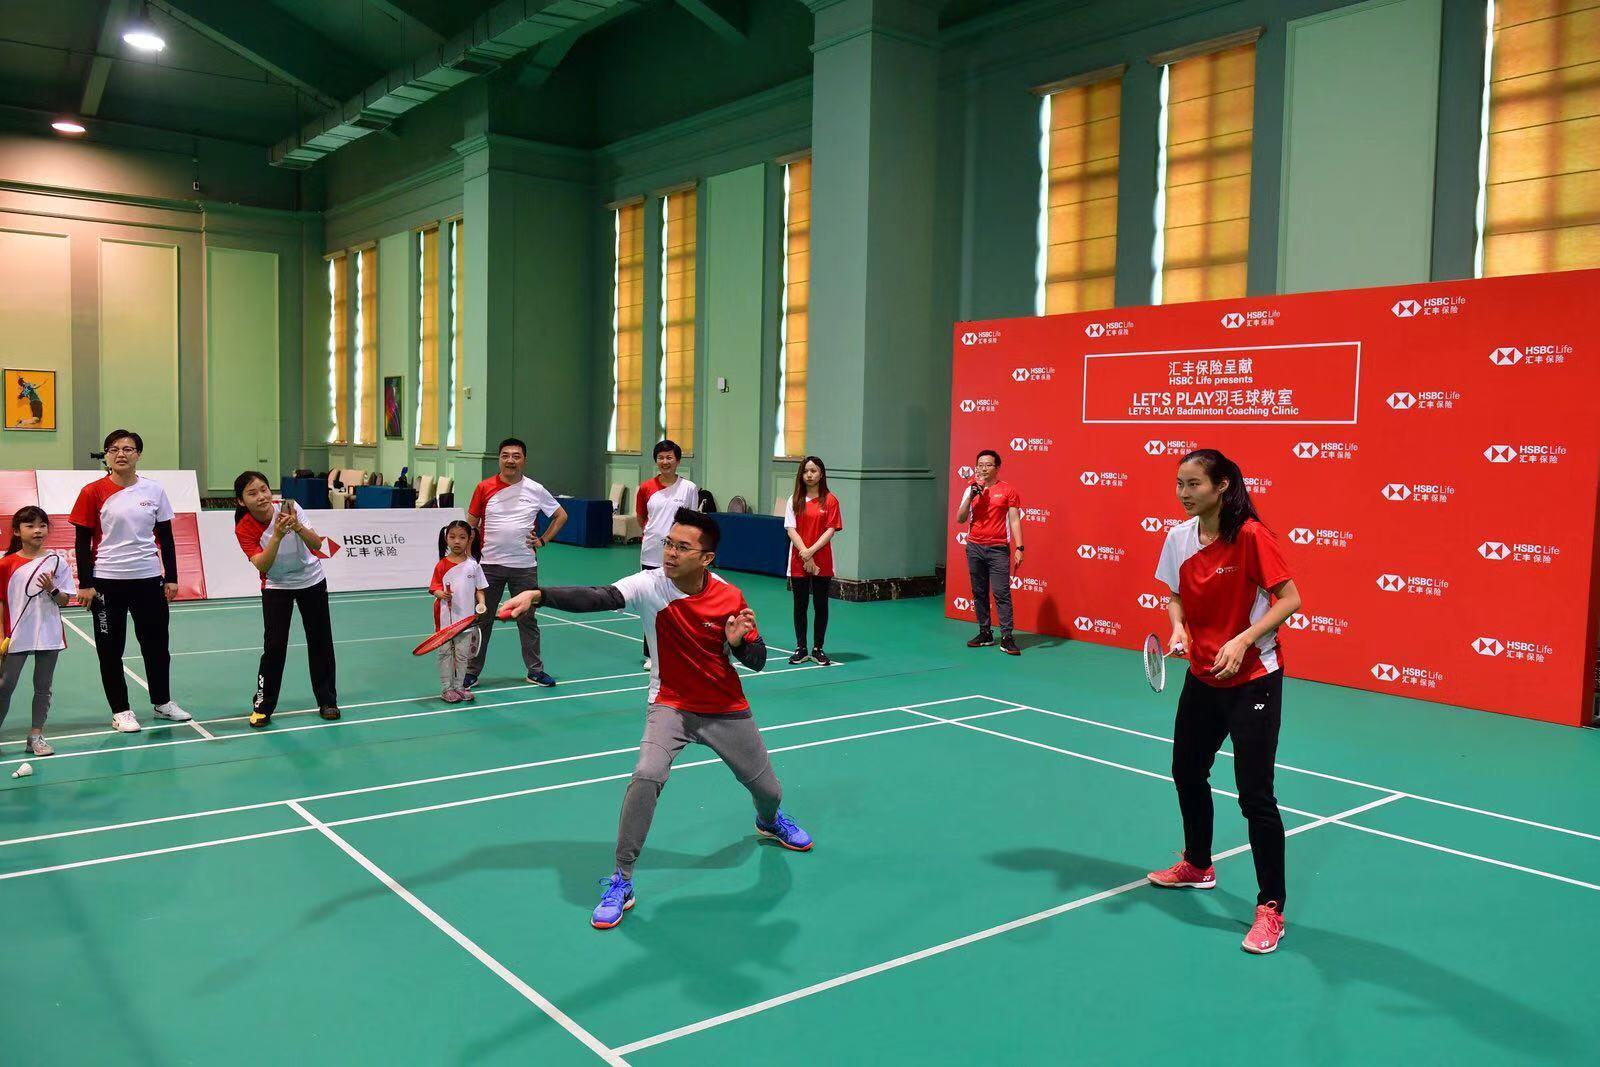 从世界冠军到大学老师,王仪涵的人生下半场离不开羽毛球